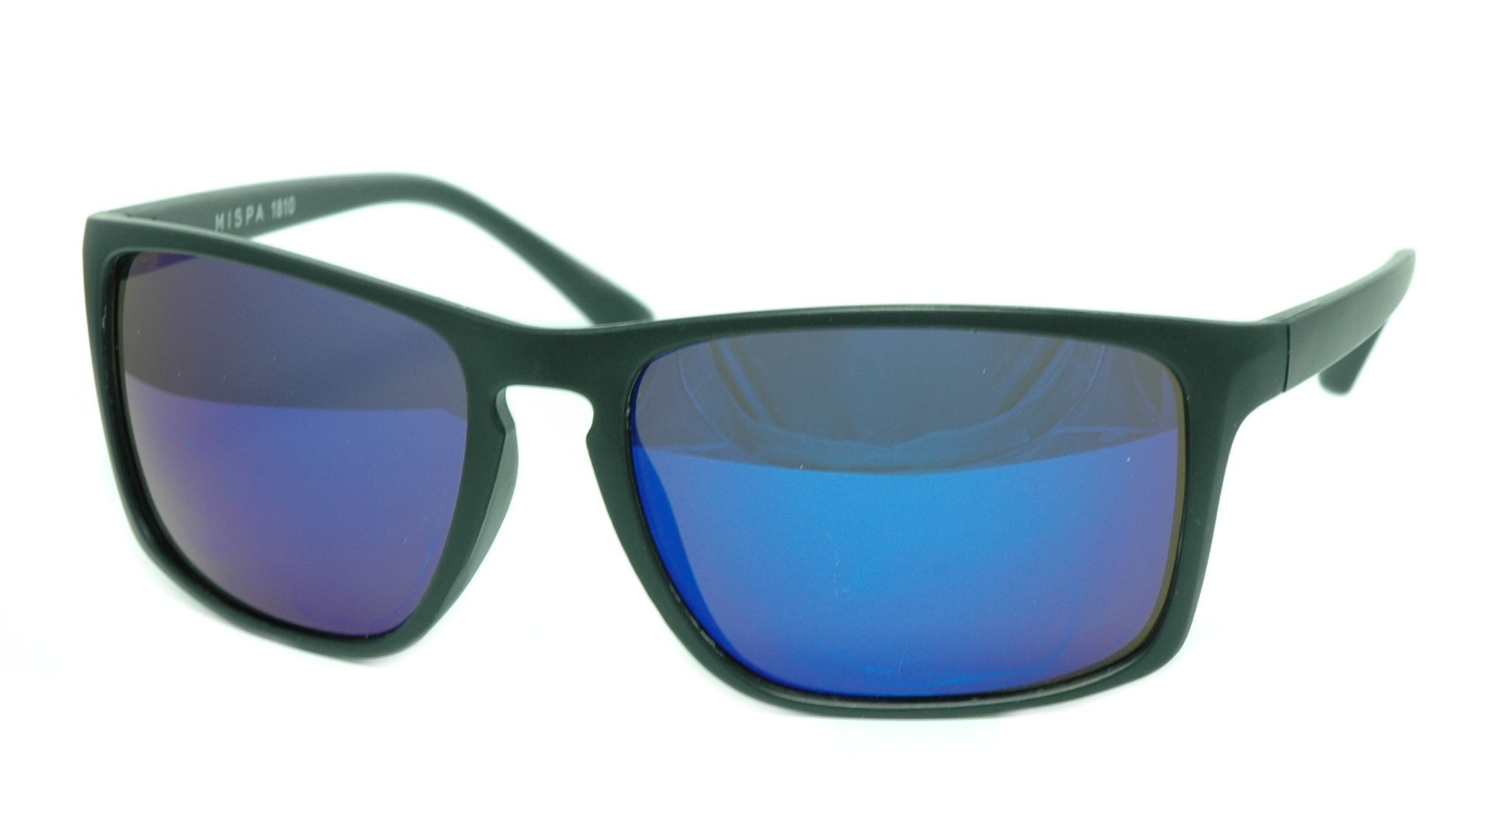 Image of Mispa Sunglasses (#121810) Black